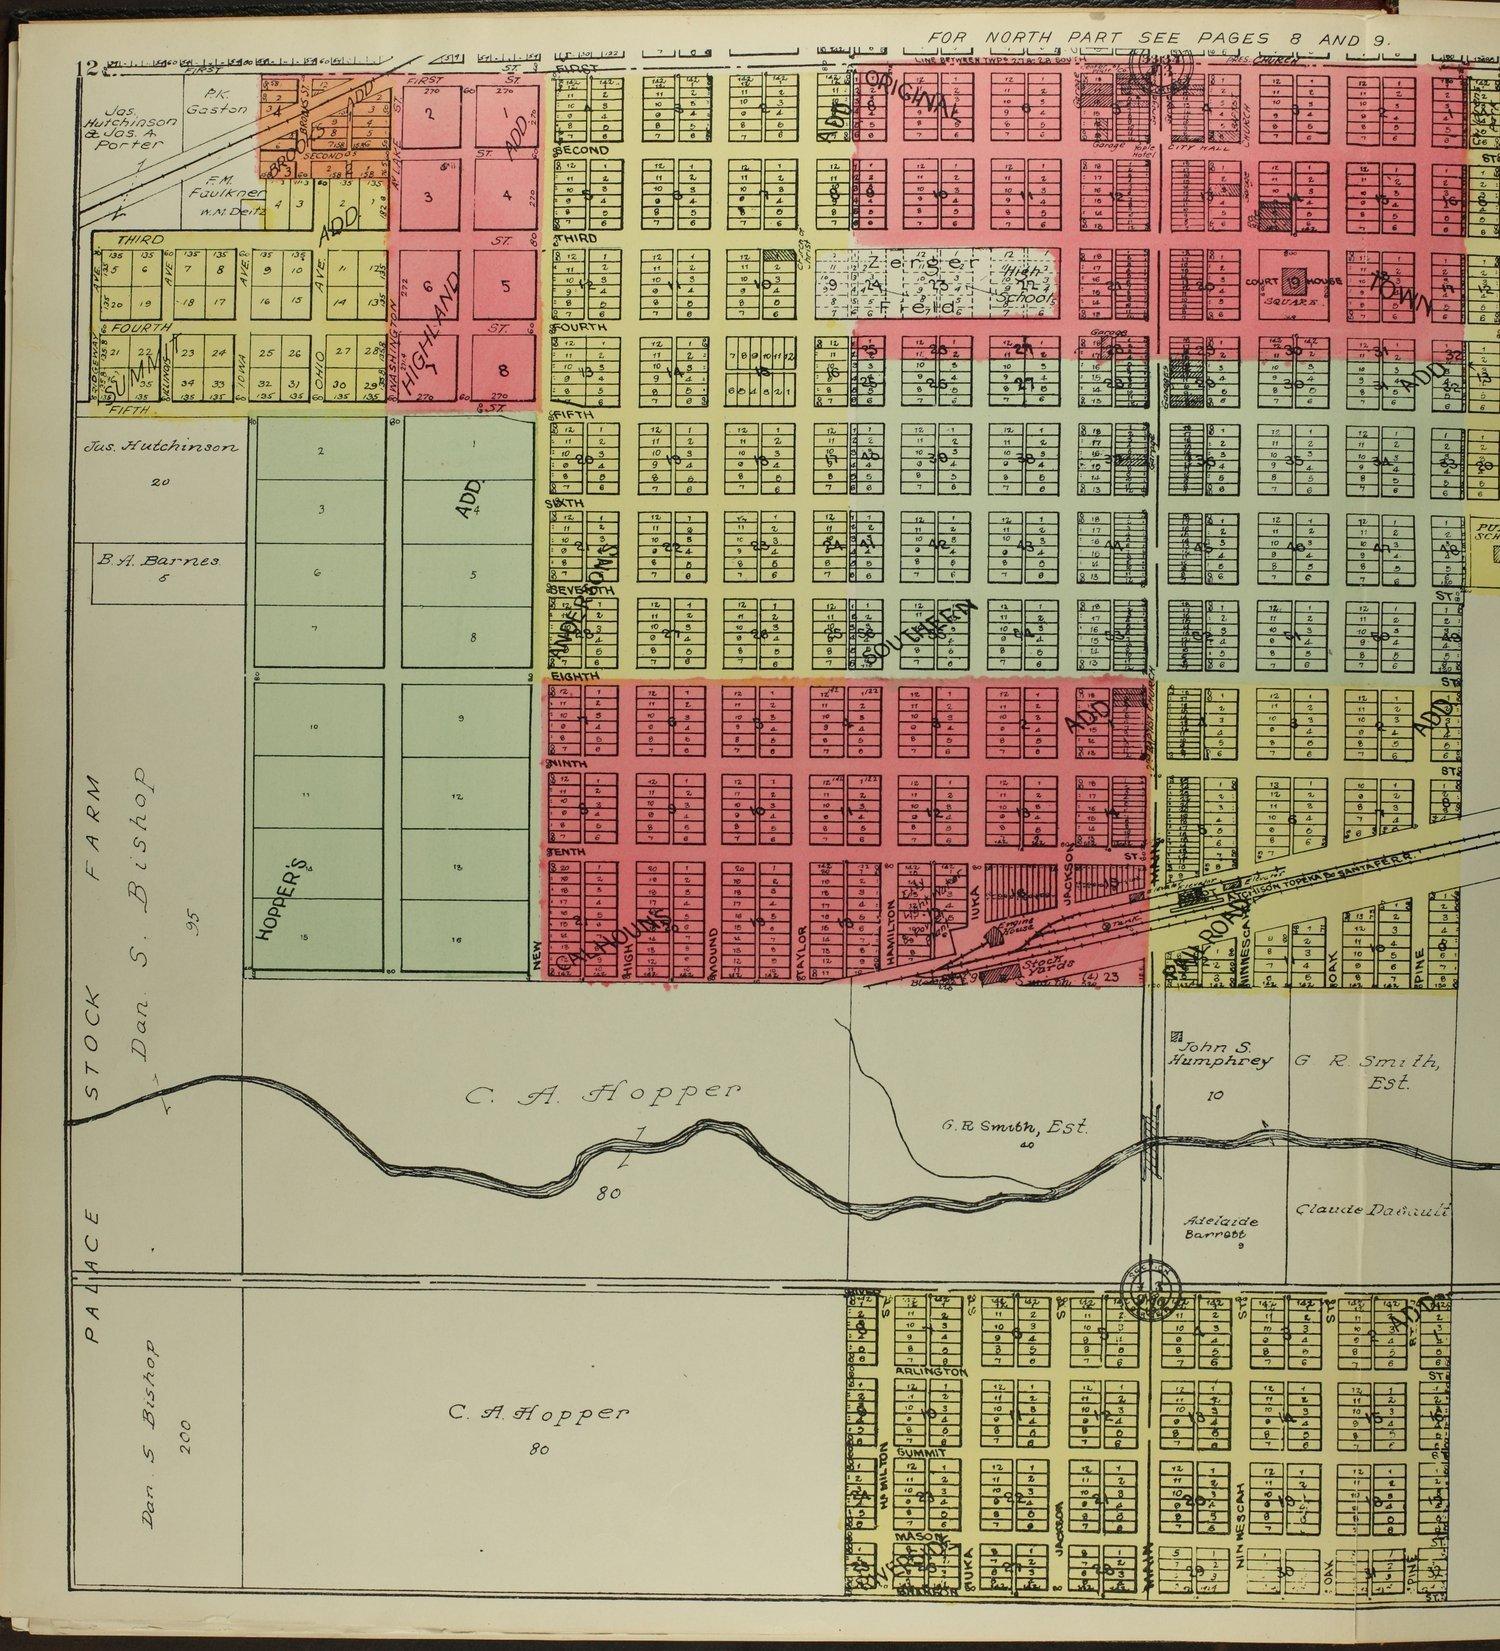 Standard atlas of Pratt County, Kansas - 12